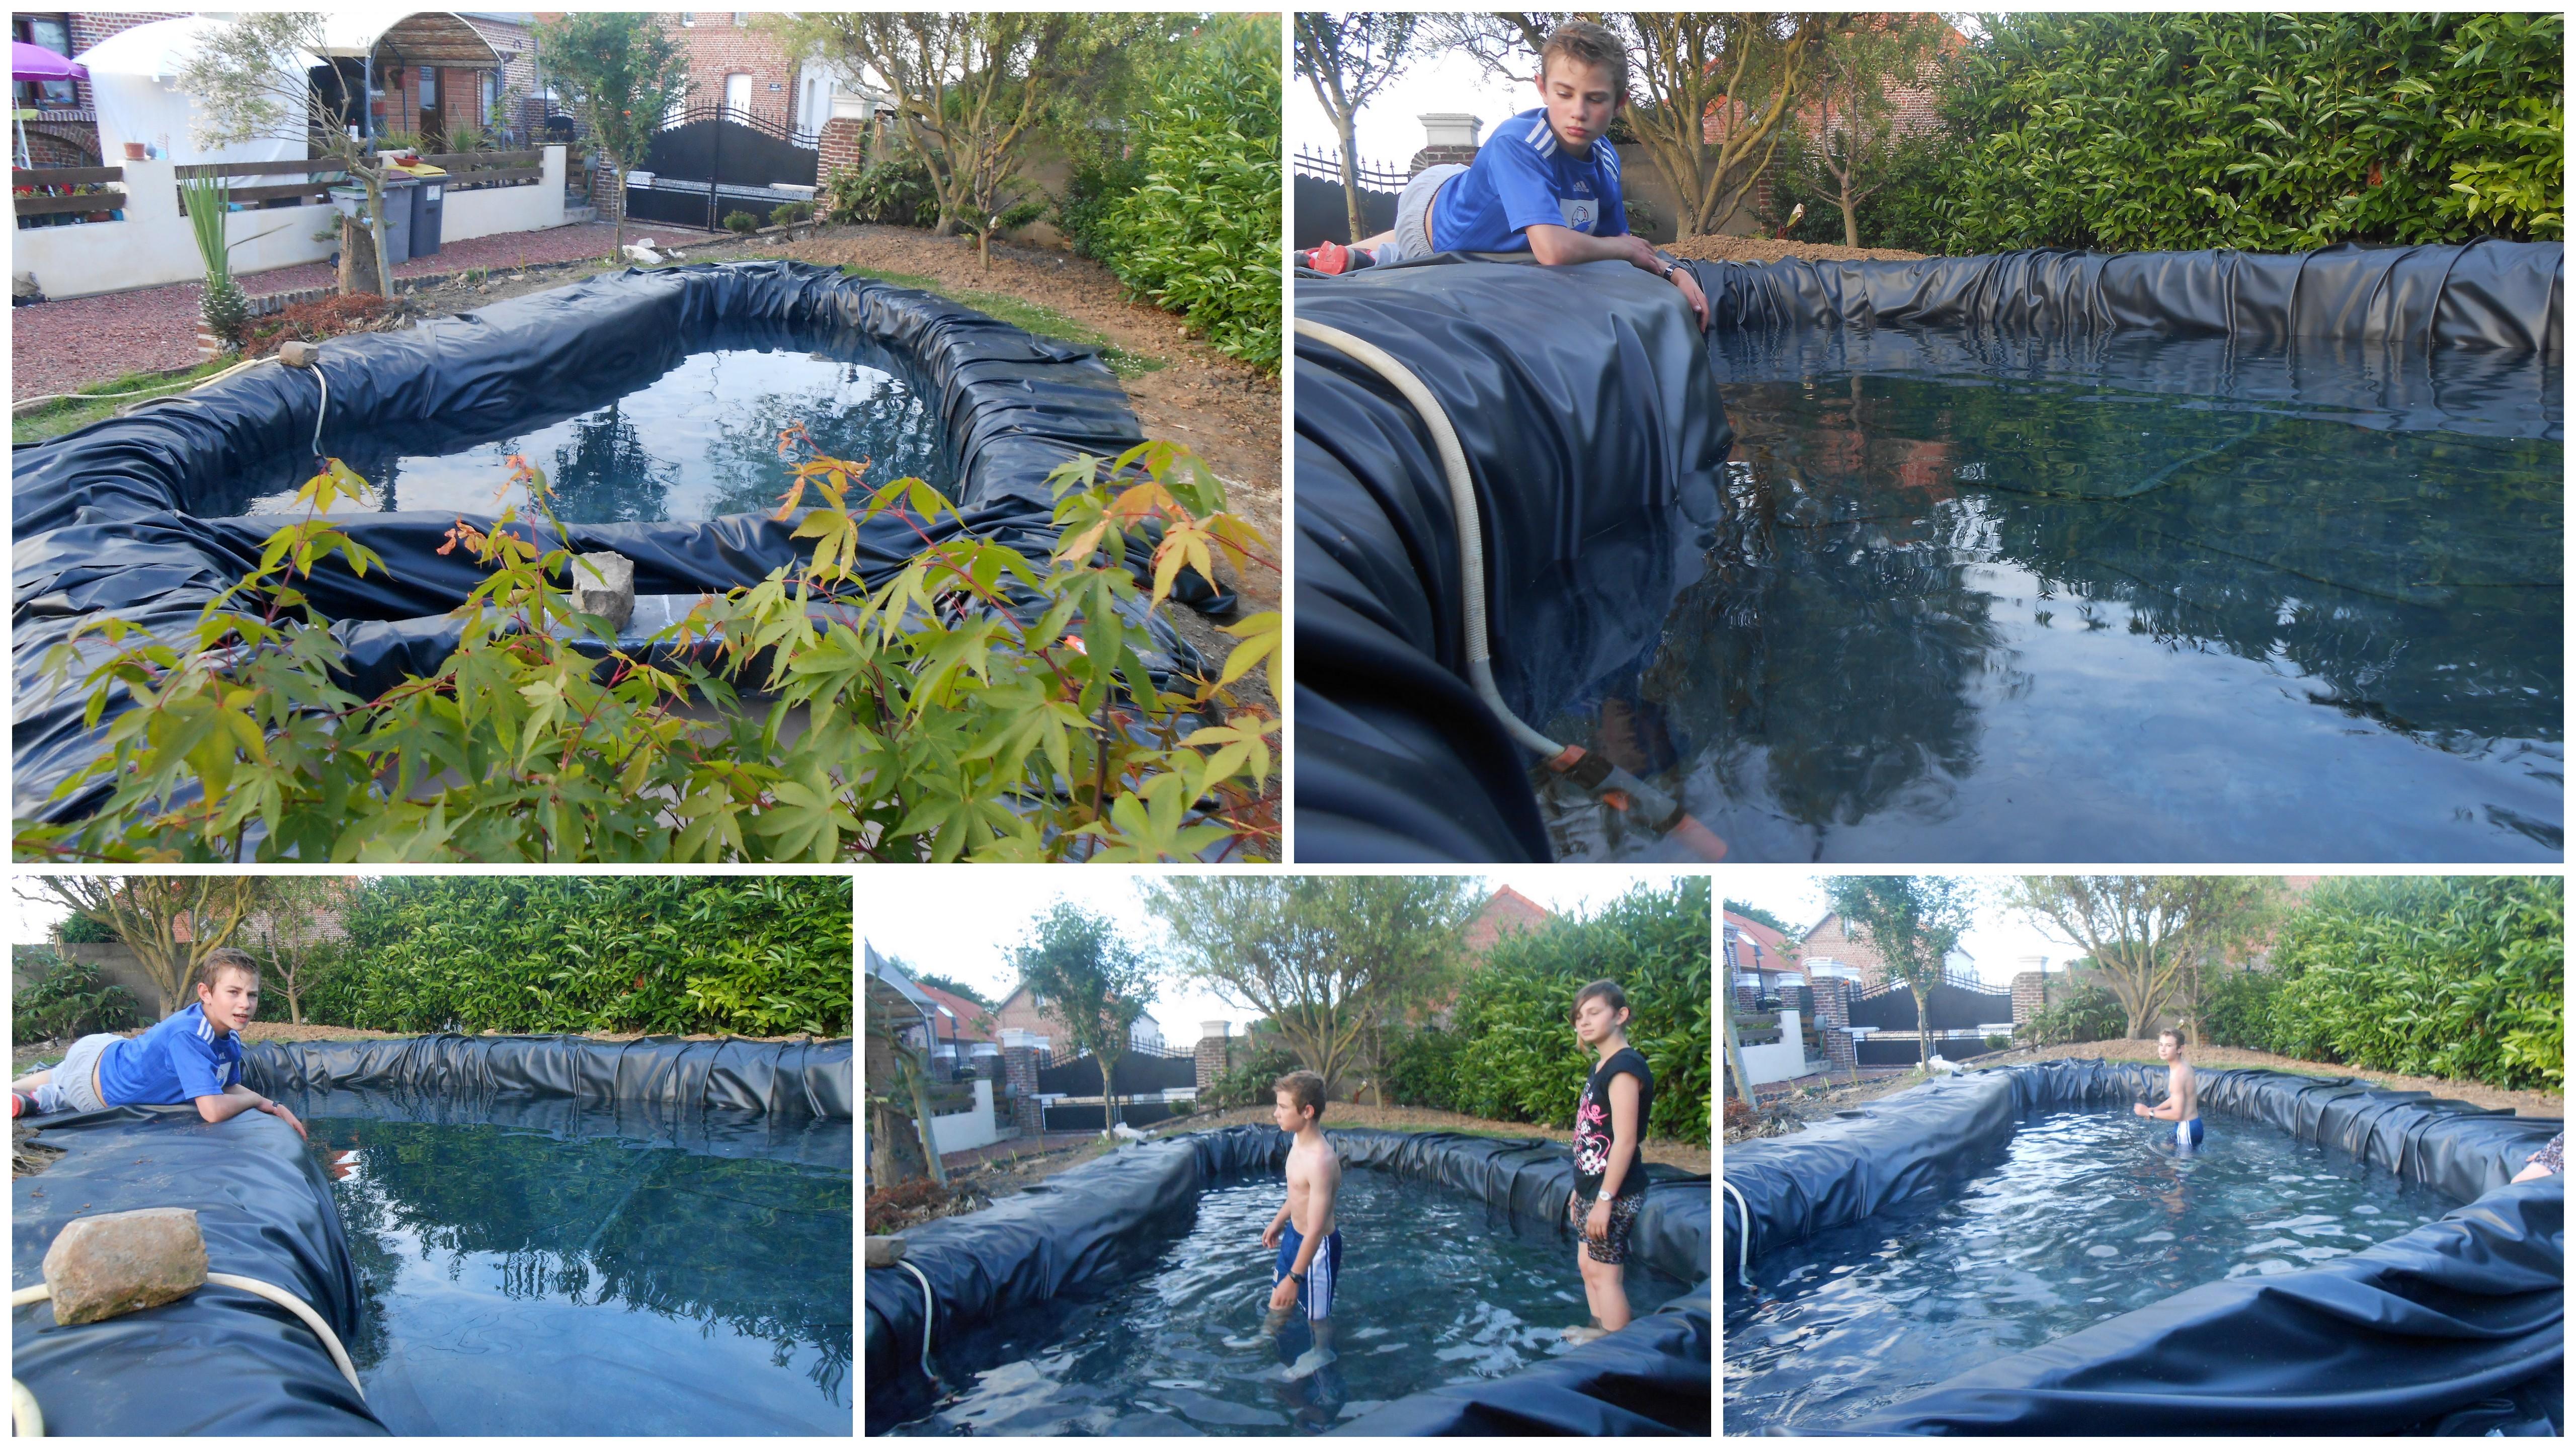 Bassin De Jardin Design Zen aménagement jardin zen 2014 - le bontemps rétro pinup vintage